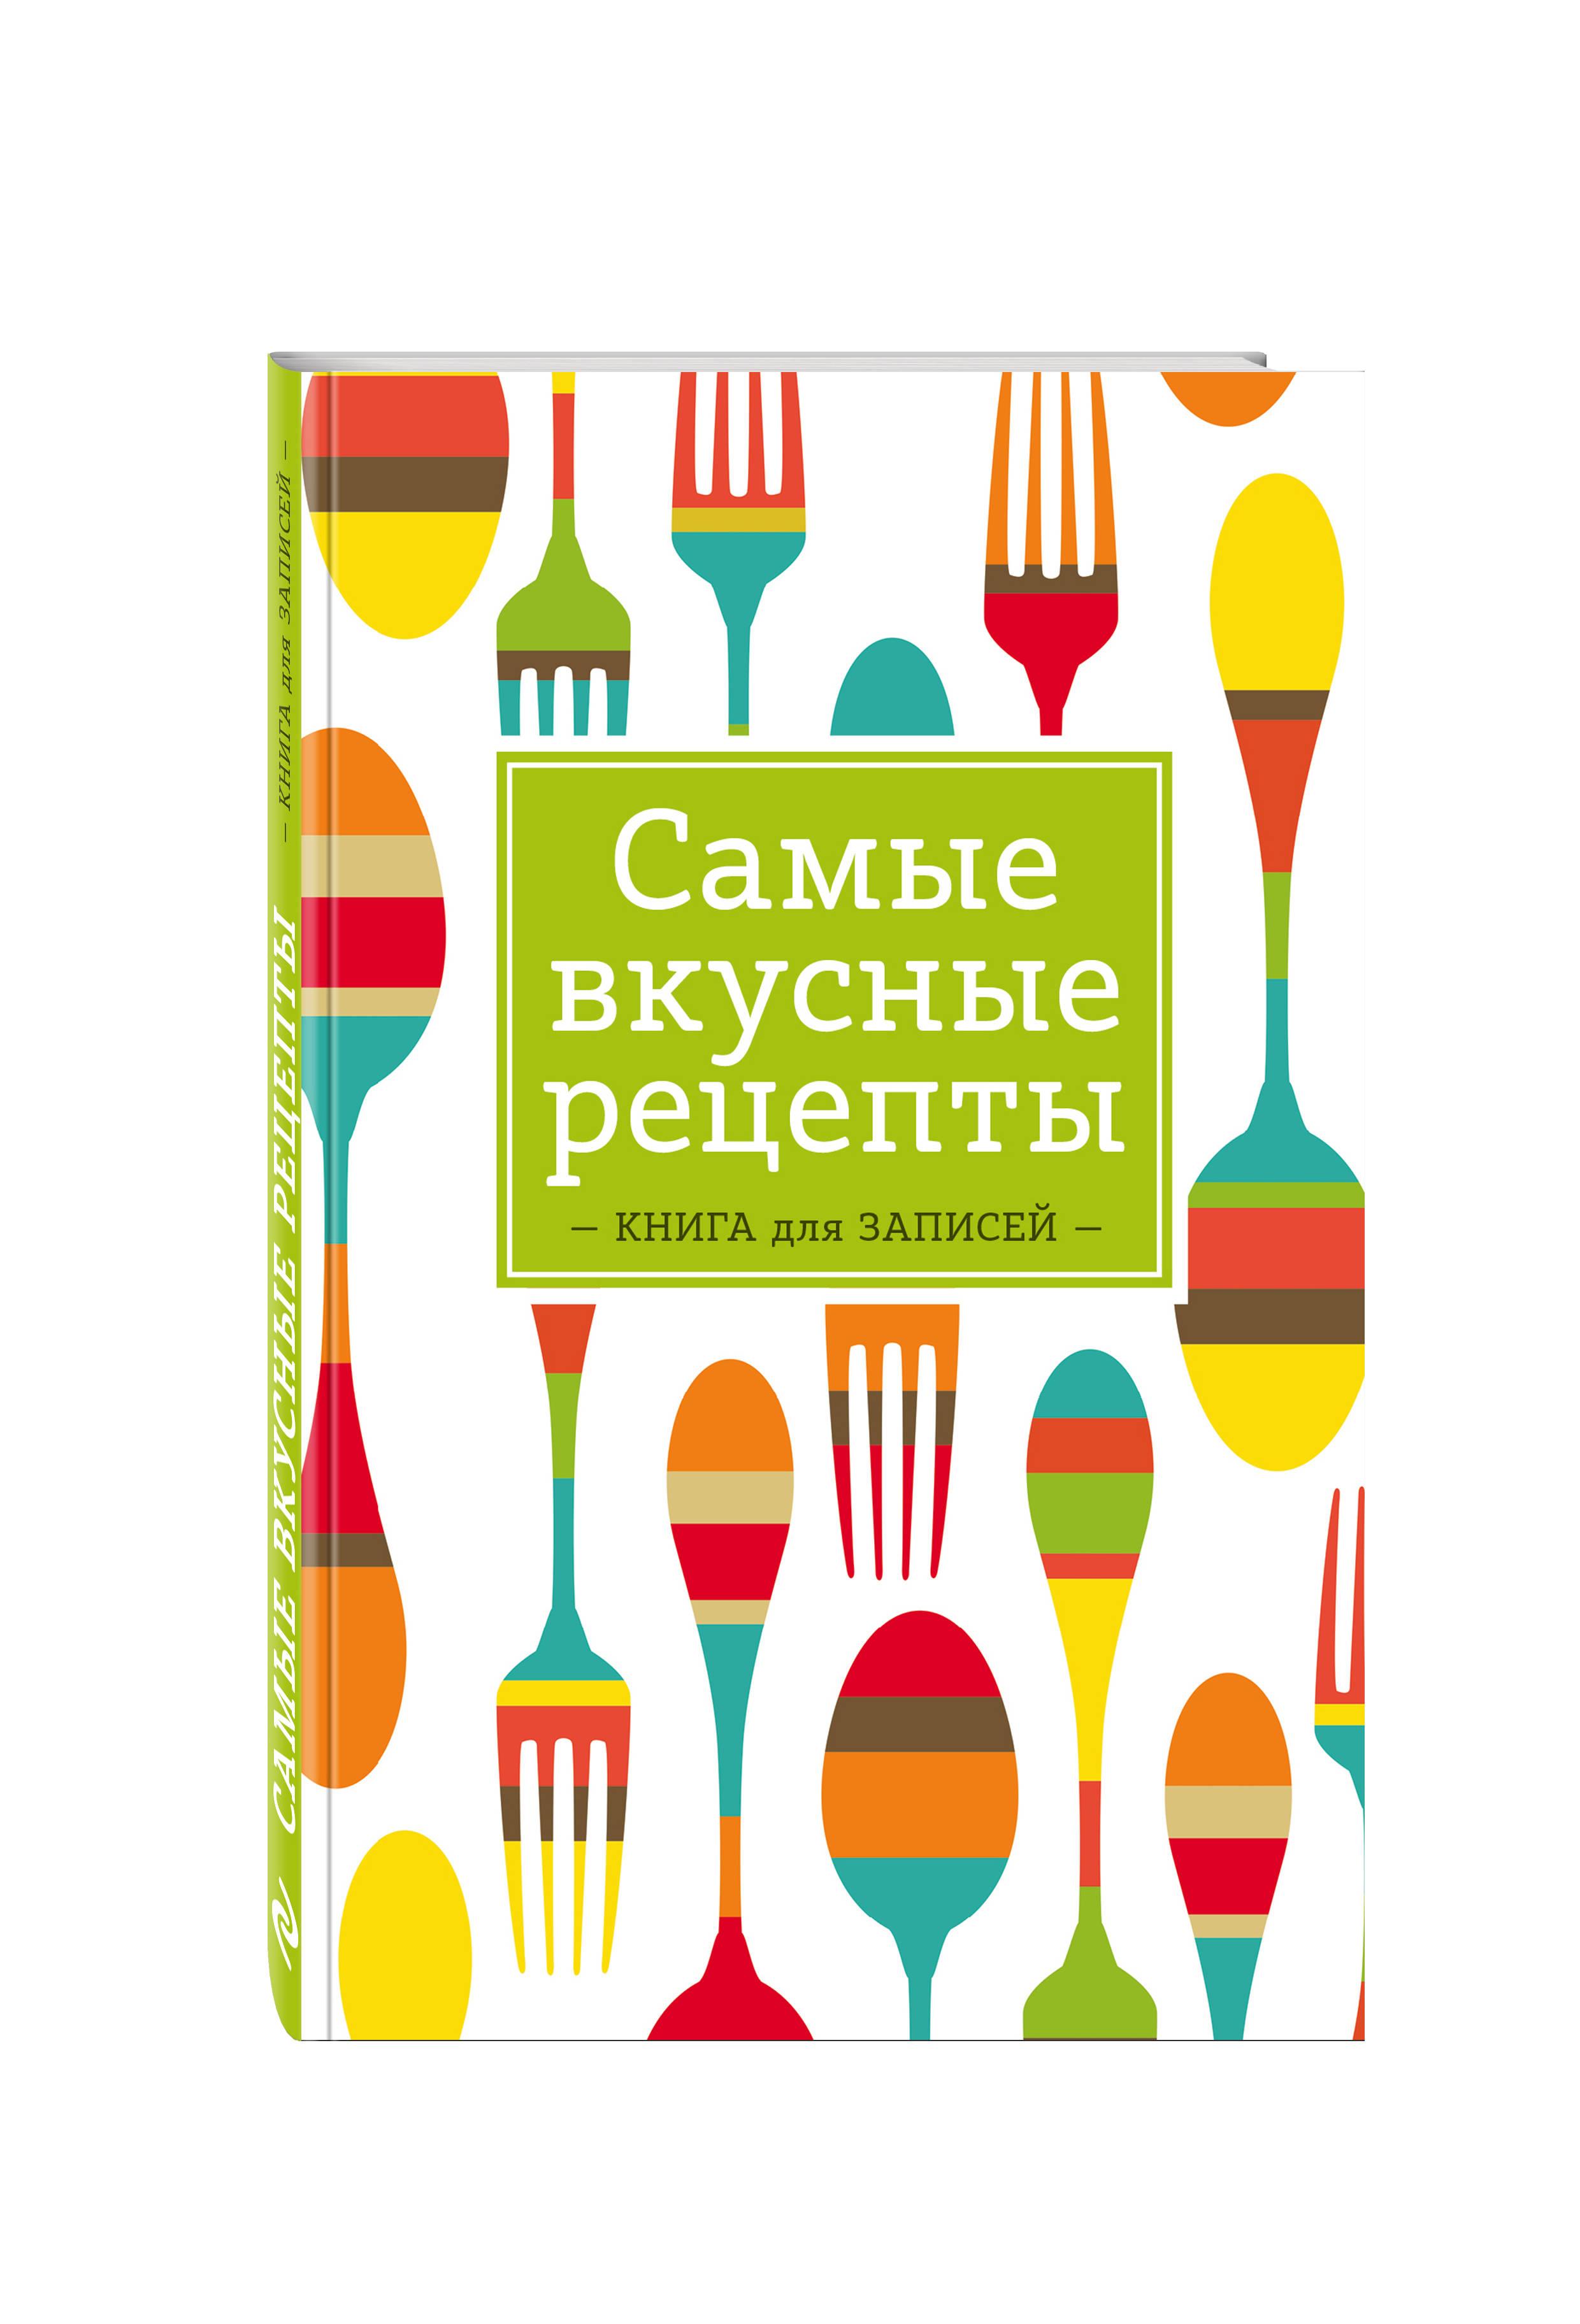 Самые вкусные рецепты. Книга для записей вкусные истории книга для записи рецептов